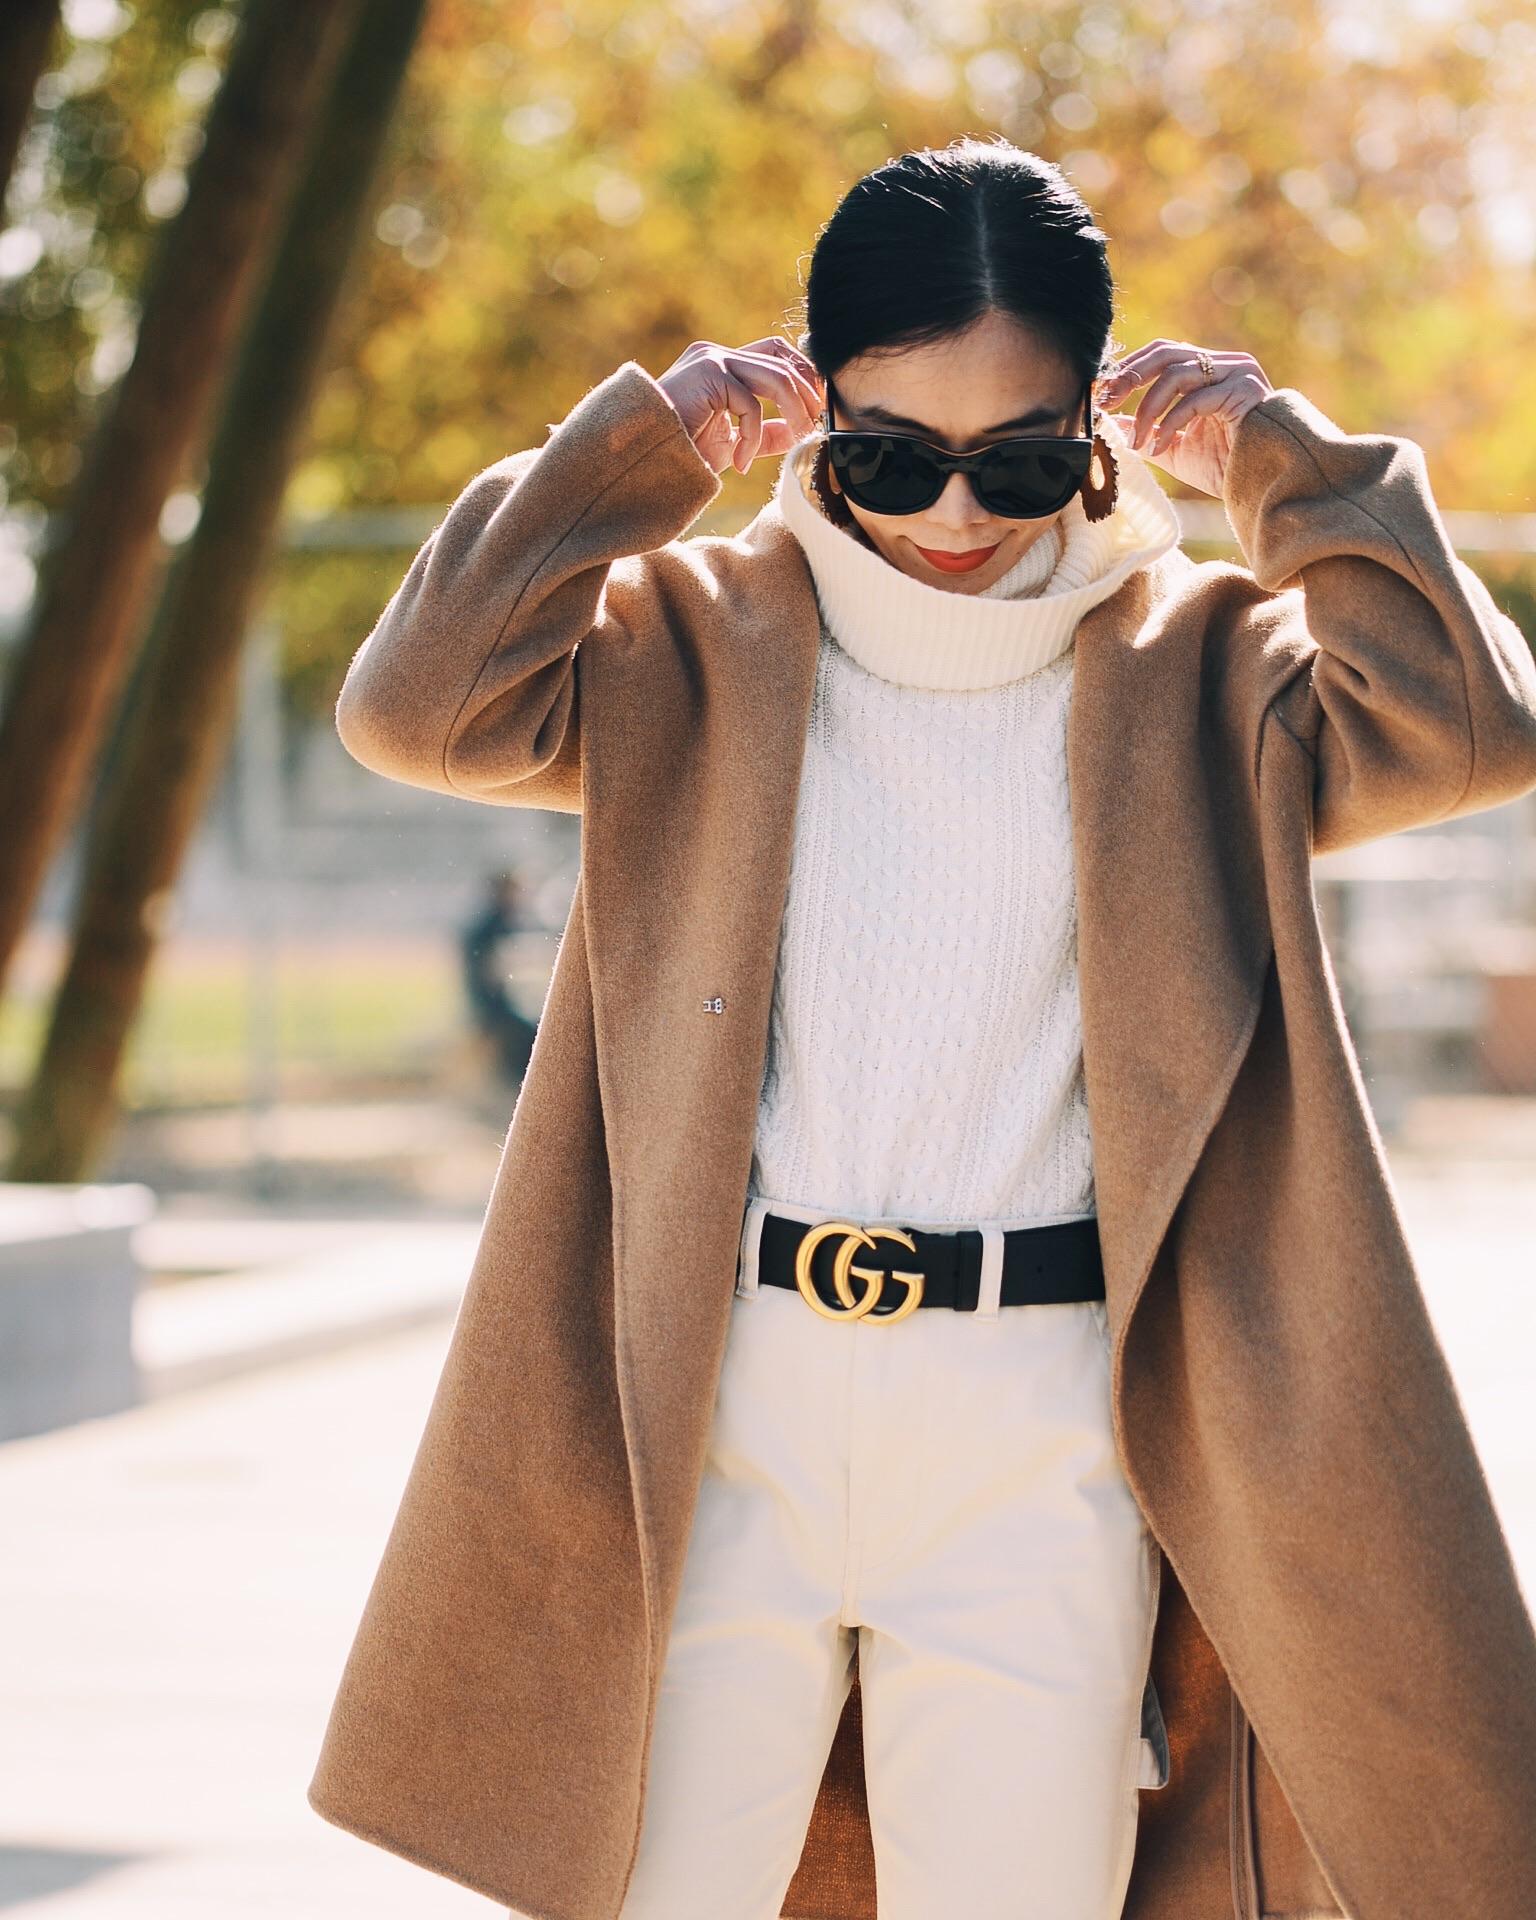 Thiết kế dây lưng Gucci rất đơn giản nhưng lại vô cùng đẳng cấp